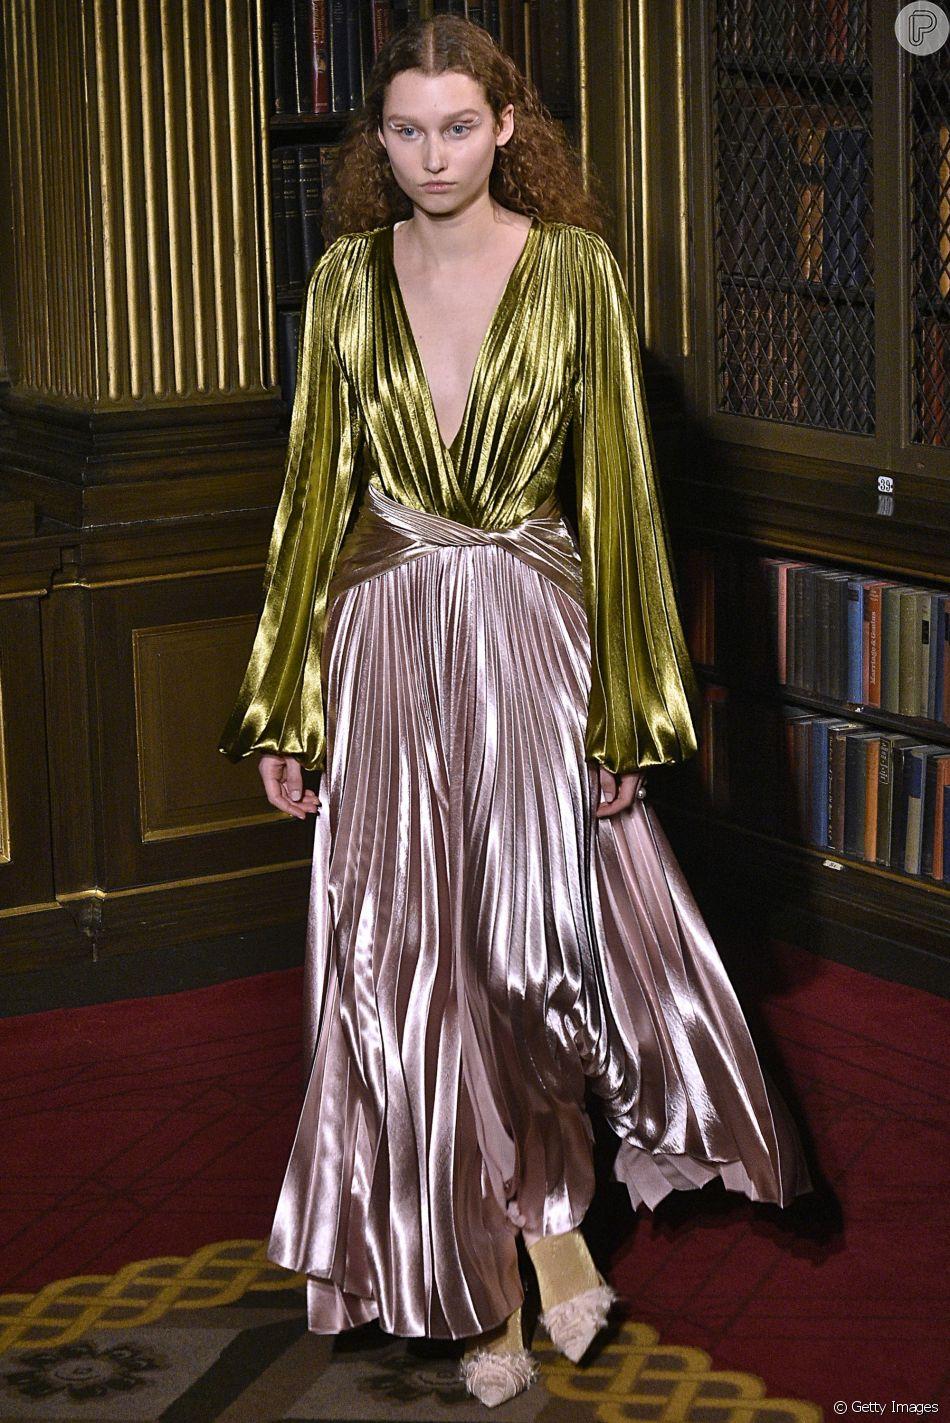 O retorno do cetim à moda: bem brilhante, o look plissado de Peter Pilotto mistura duas cores